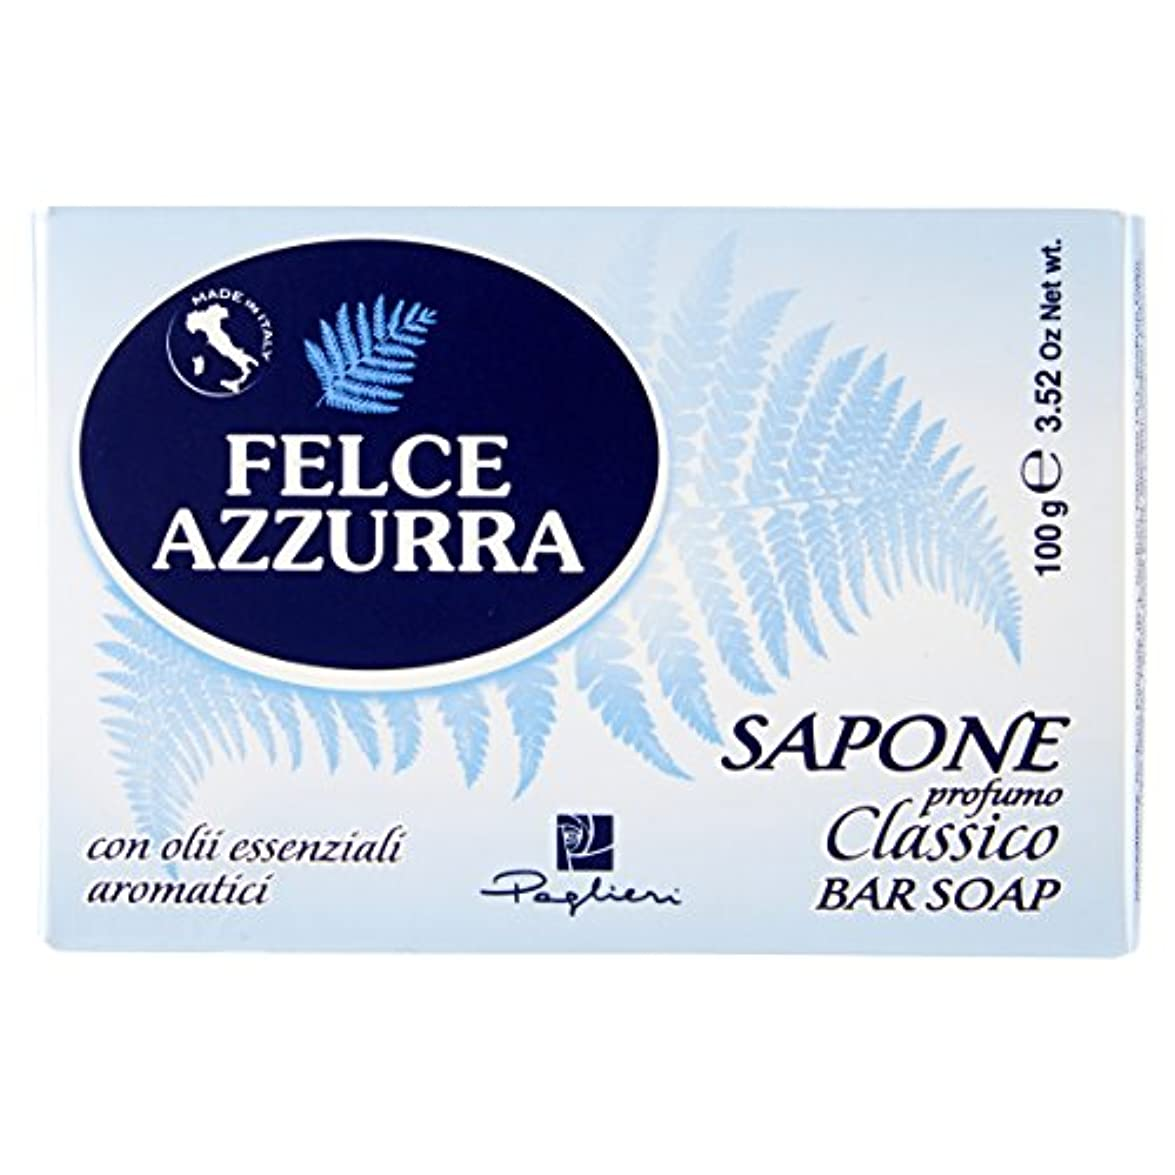 グリップパケット買うFelce Azzurra Classico Bar Soap 100g soap by Felce Azzurra by Felce Azzurra